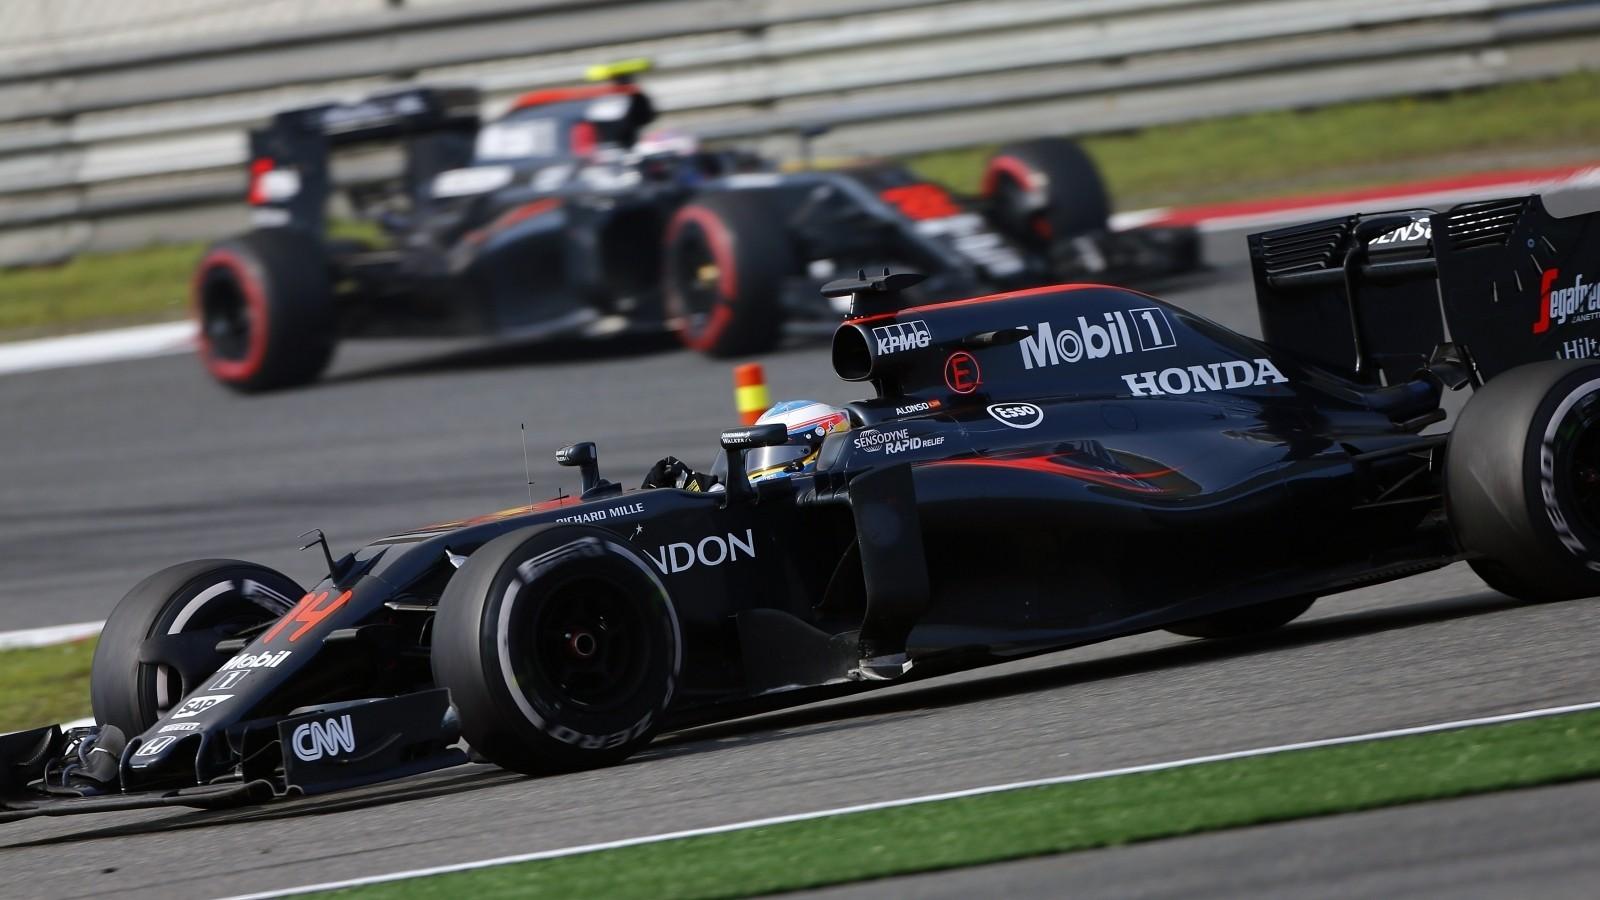 Говорят, что Вандорн ведёт борьбы за место в команде McLaren в сезоне 2017 года с Дженсоном Баттоном